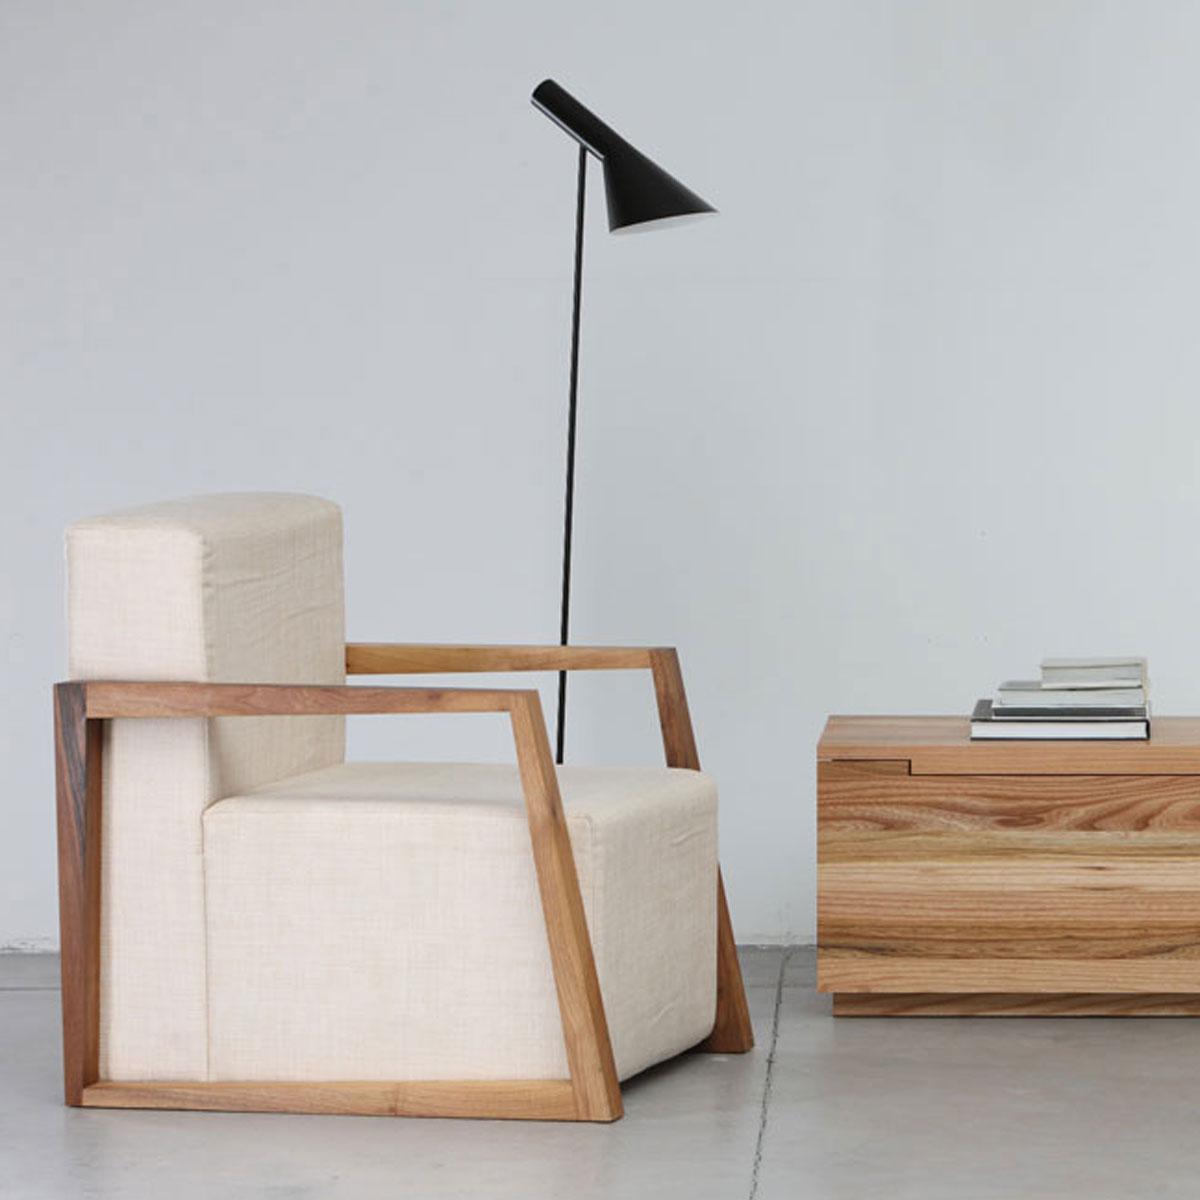 Sillon Basic en madera y tapicería con líneas modernas y originales, con producción artesana europea